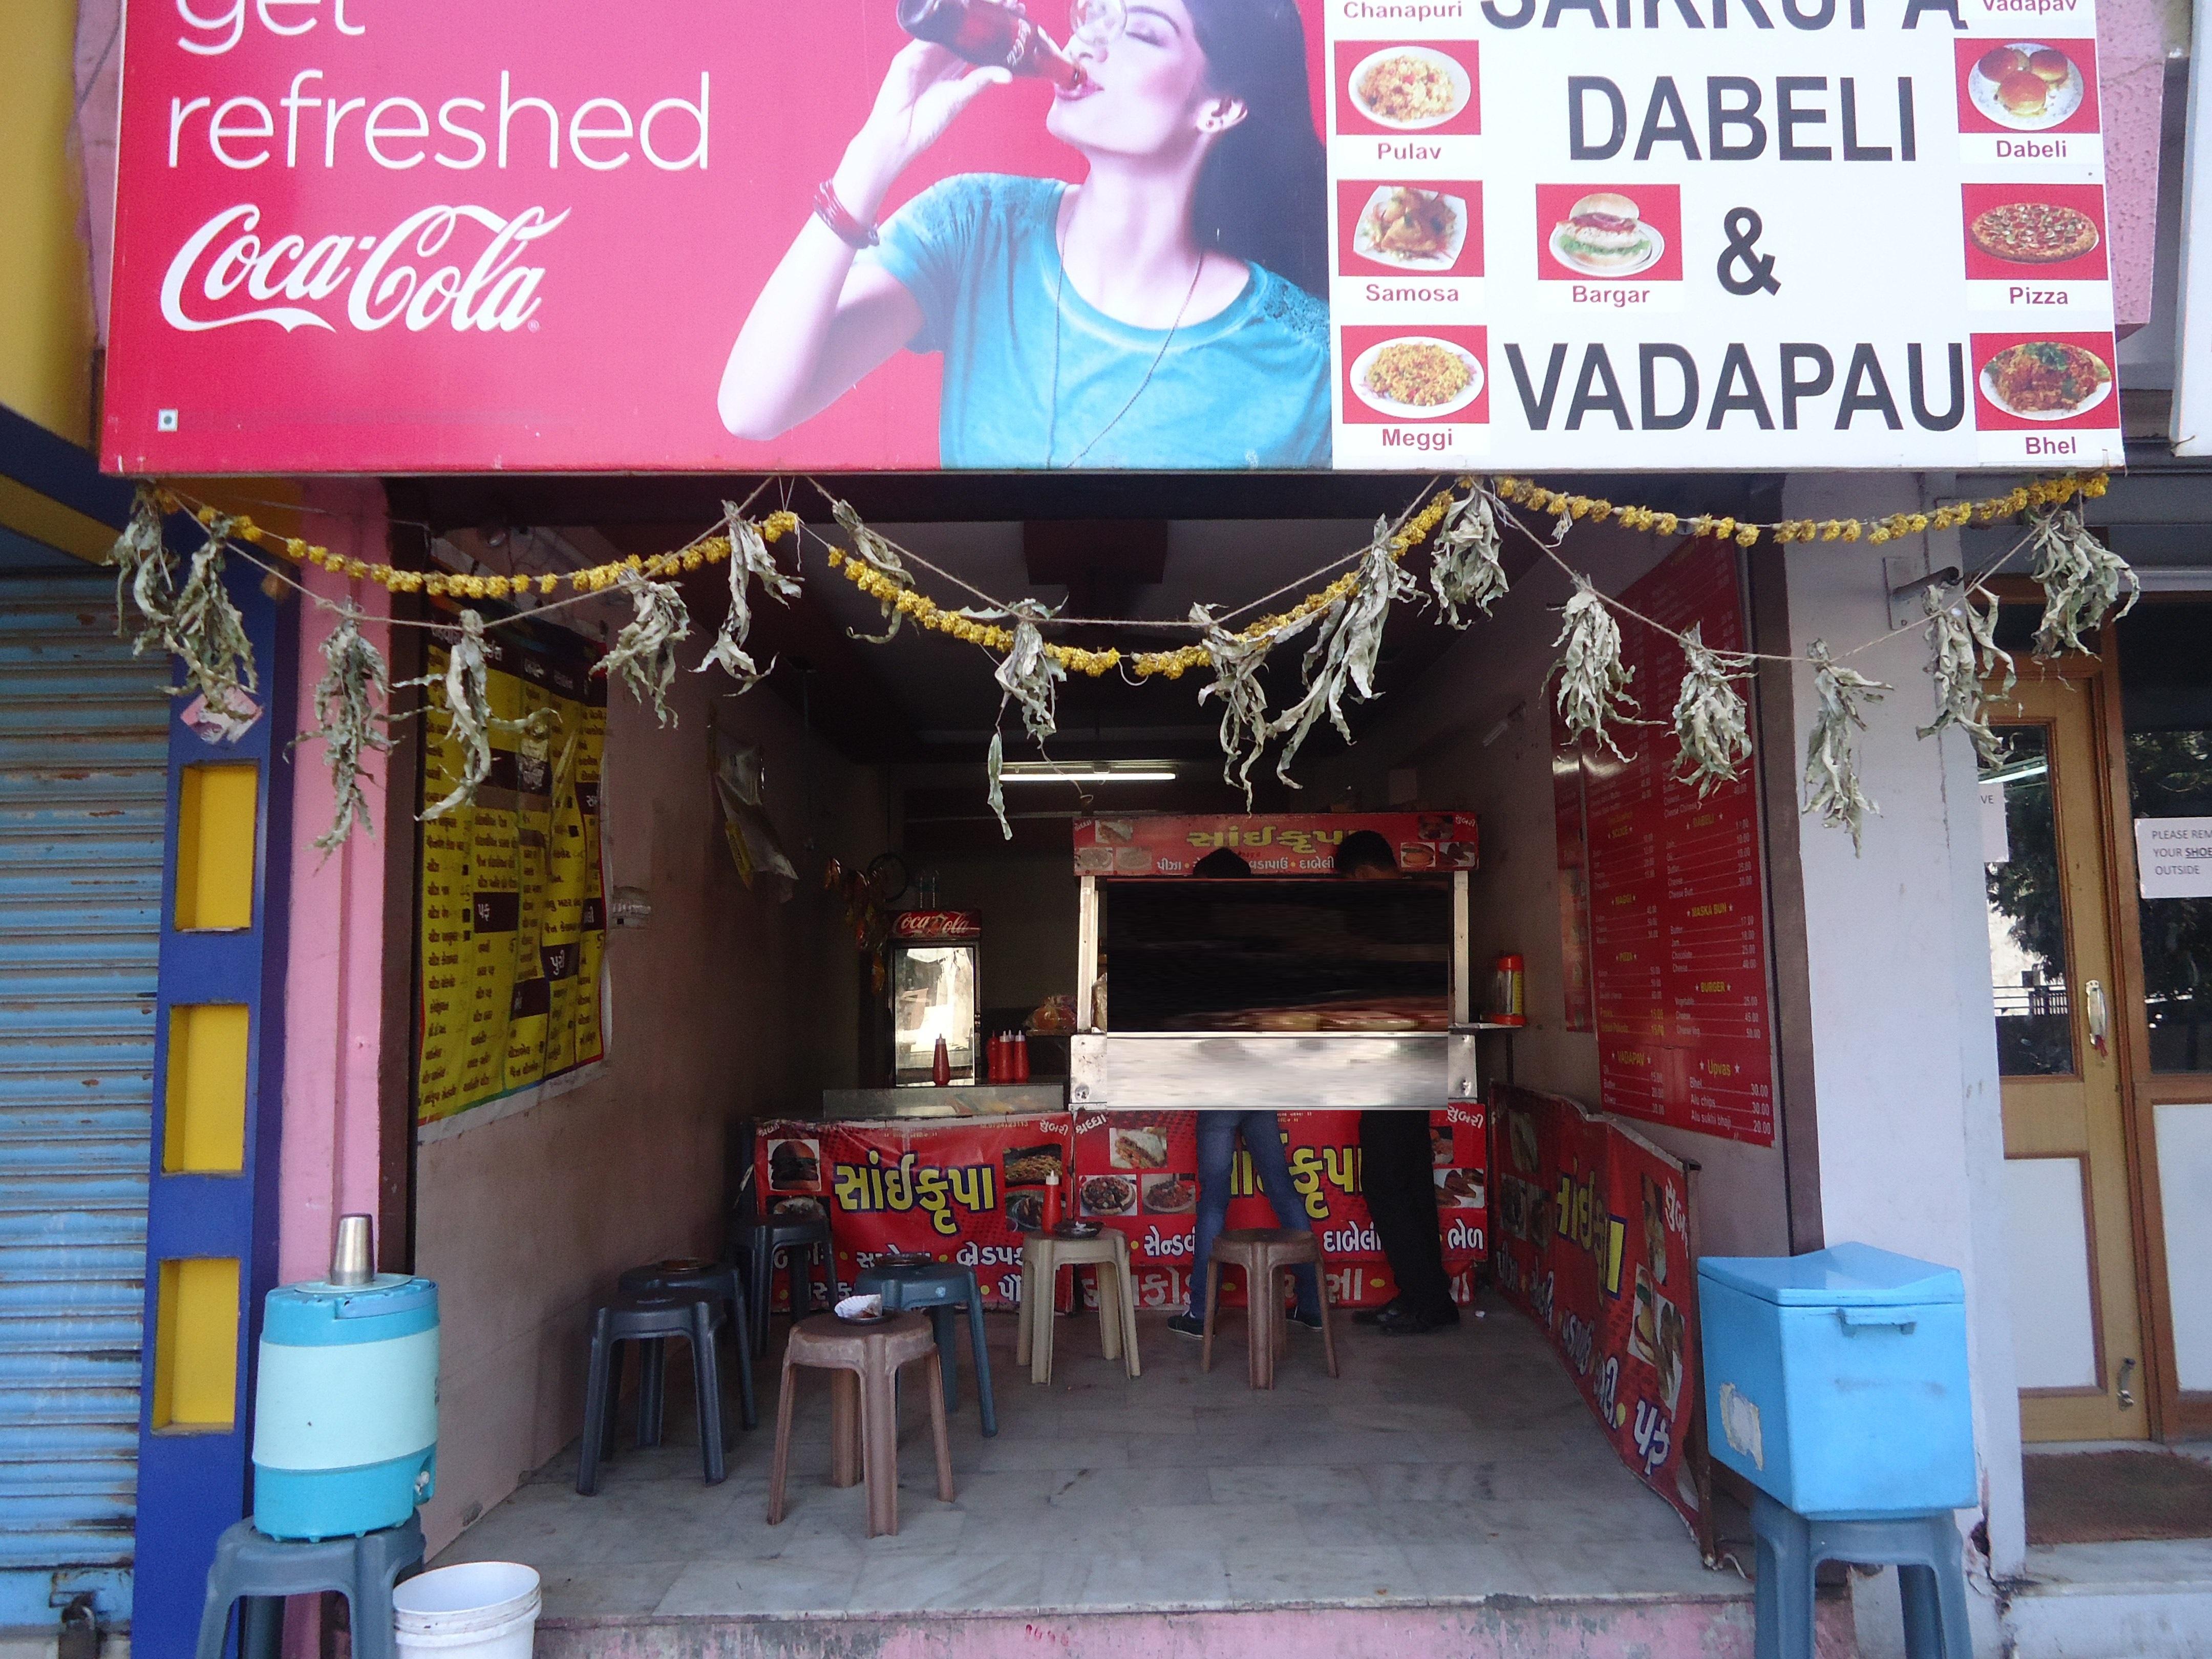 Sai Kripa - Ashram Road - Ahmedabad Image